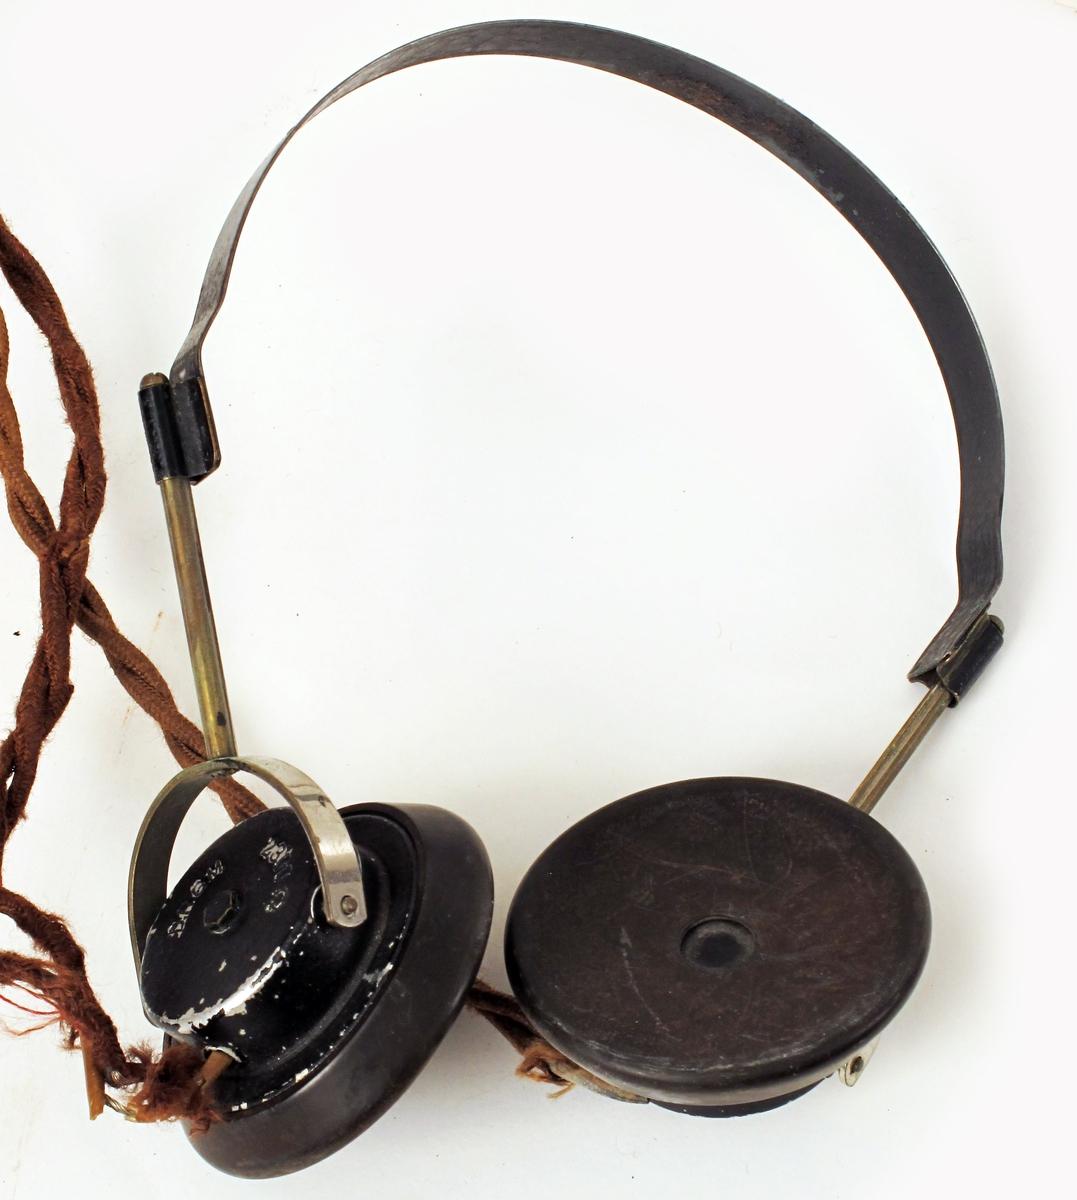 Elektrisk ovn med innmontert (kamuflert) radio og øretelefoner, innstilt på kortbølge 25, London under krigen  1940 - 45, for avlytting av de norske sendinger.    a) Sortmalt  jernblikk.    Sortmalt rektangulær høy smal kasse med tre rader ,  Rull øverst og flatt topplokk, på fire ben av galvaniserte  plater, som fortsetter opp langs ovnens  hjørner og ender i lokkets hjørner. En ledning  stikker ut nederst i den ene kortende og inn i  bunnen.    b) Øretelefon med to sorte øreklaffer og sort hode  feste. På øreklaffene: Telefunken E. H. 555.  Lang slitt brun ledning, lappet med rosa plaster.